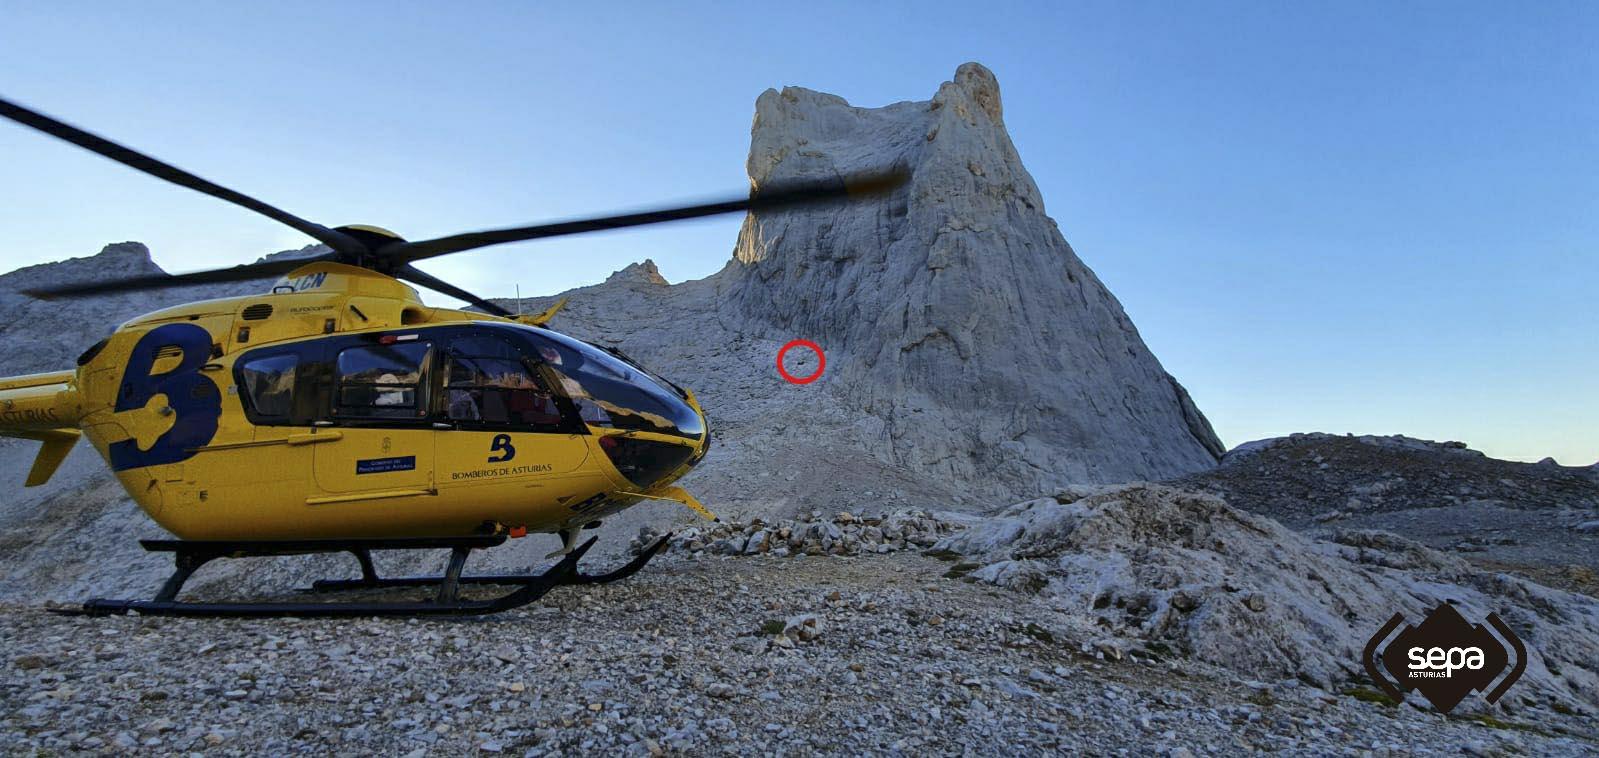 Rescate de Montaña en Cabrales de un escalador que resultó herido tras caer 15 metros